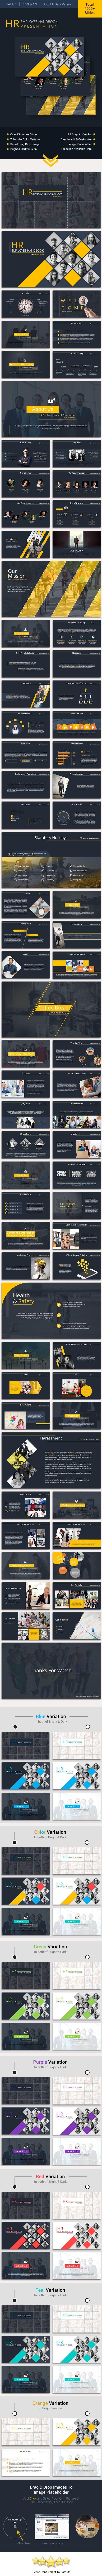 HR Employee Handbook Presentation #powerpoint #training #dark • Download ➝ https://graphicriver.net/item/hr-employee-handbook-presentation/19254419?ref=pxcr